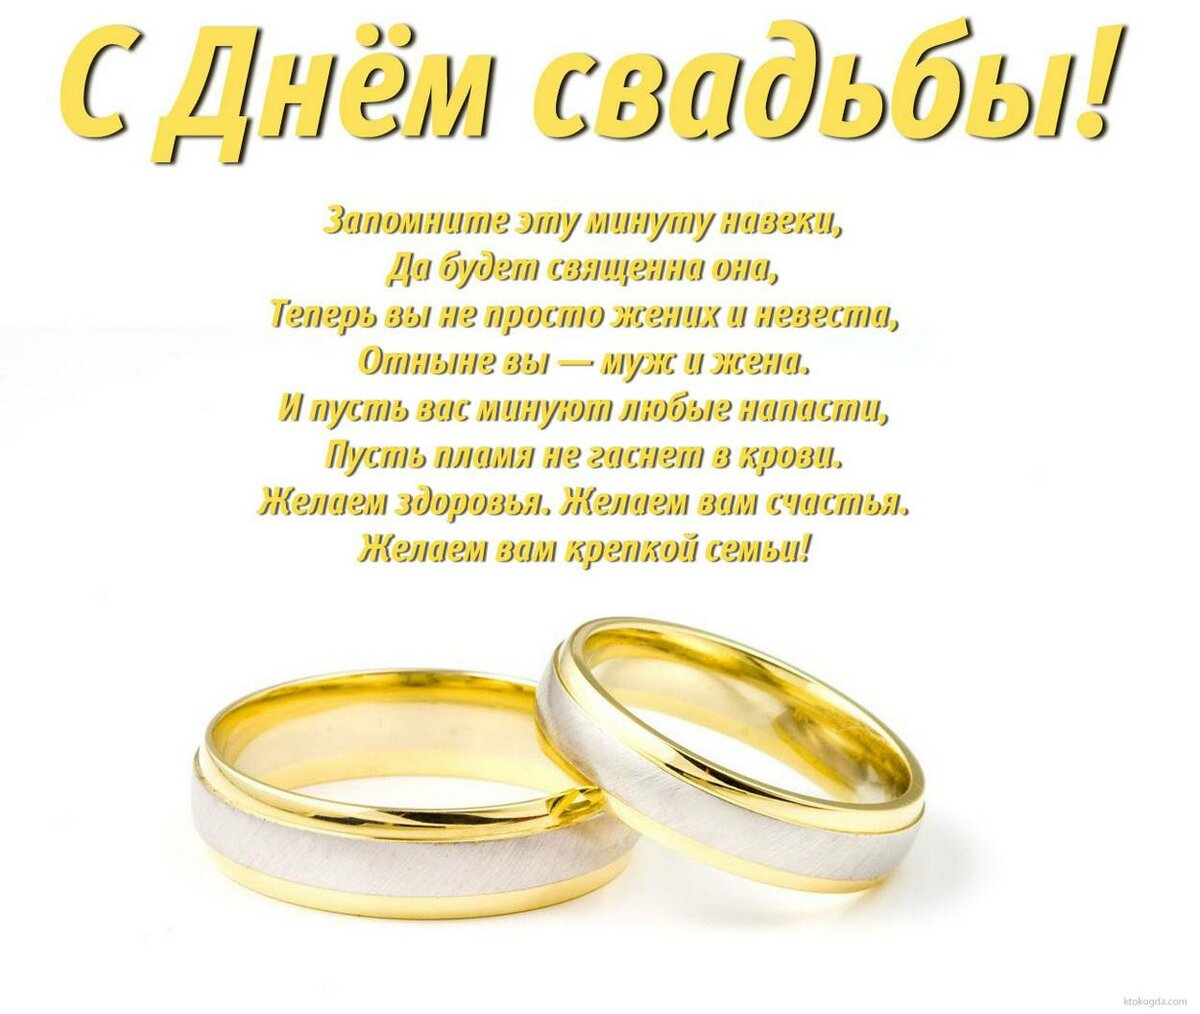 где была вступление к поздравлению на свадьбу грузии как всем